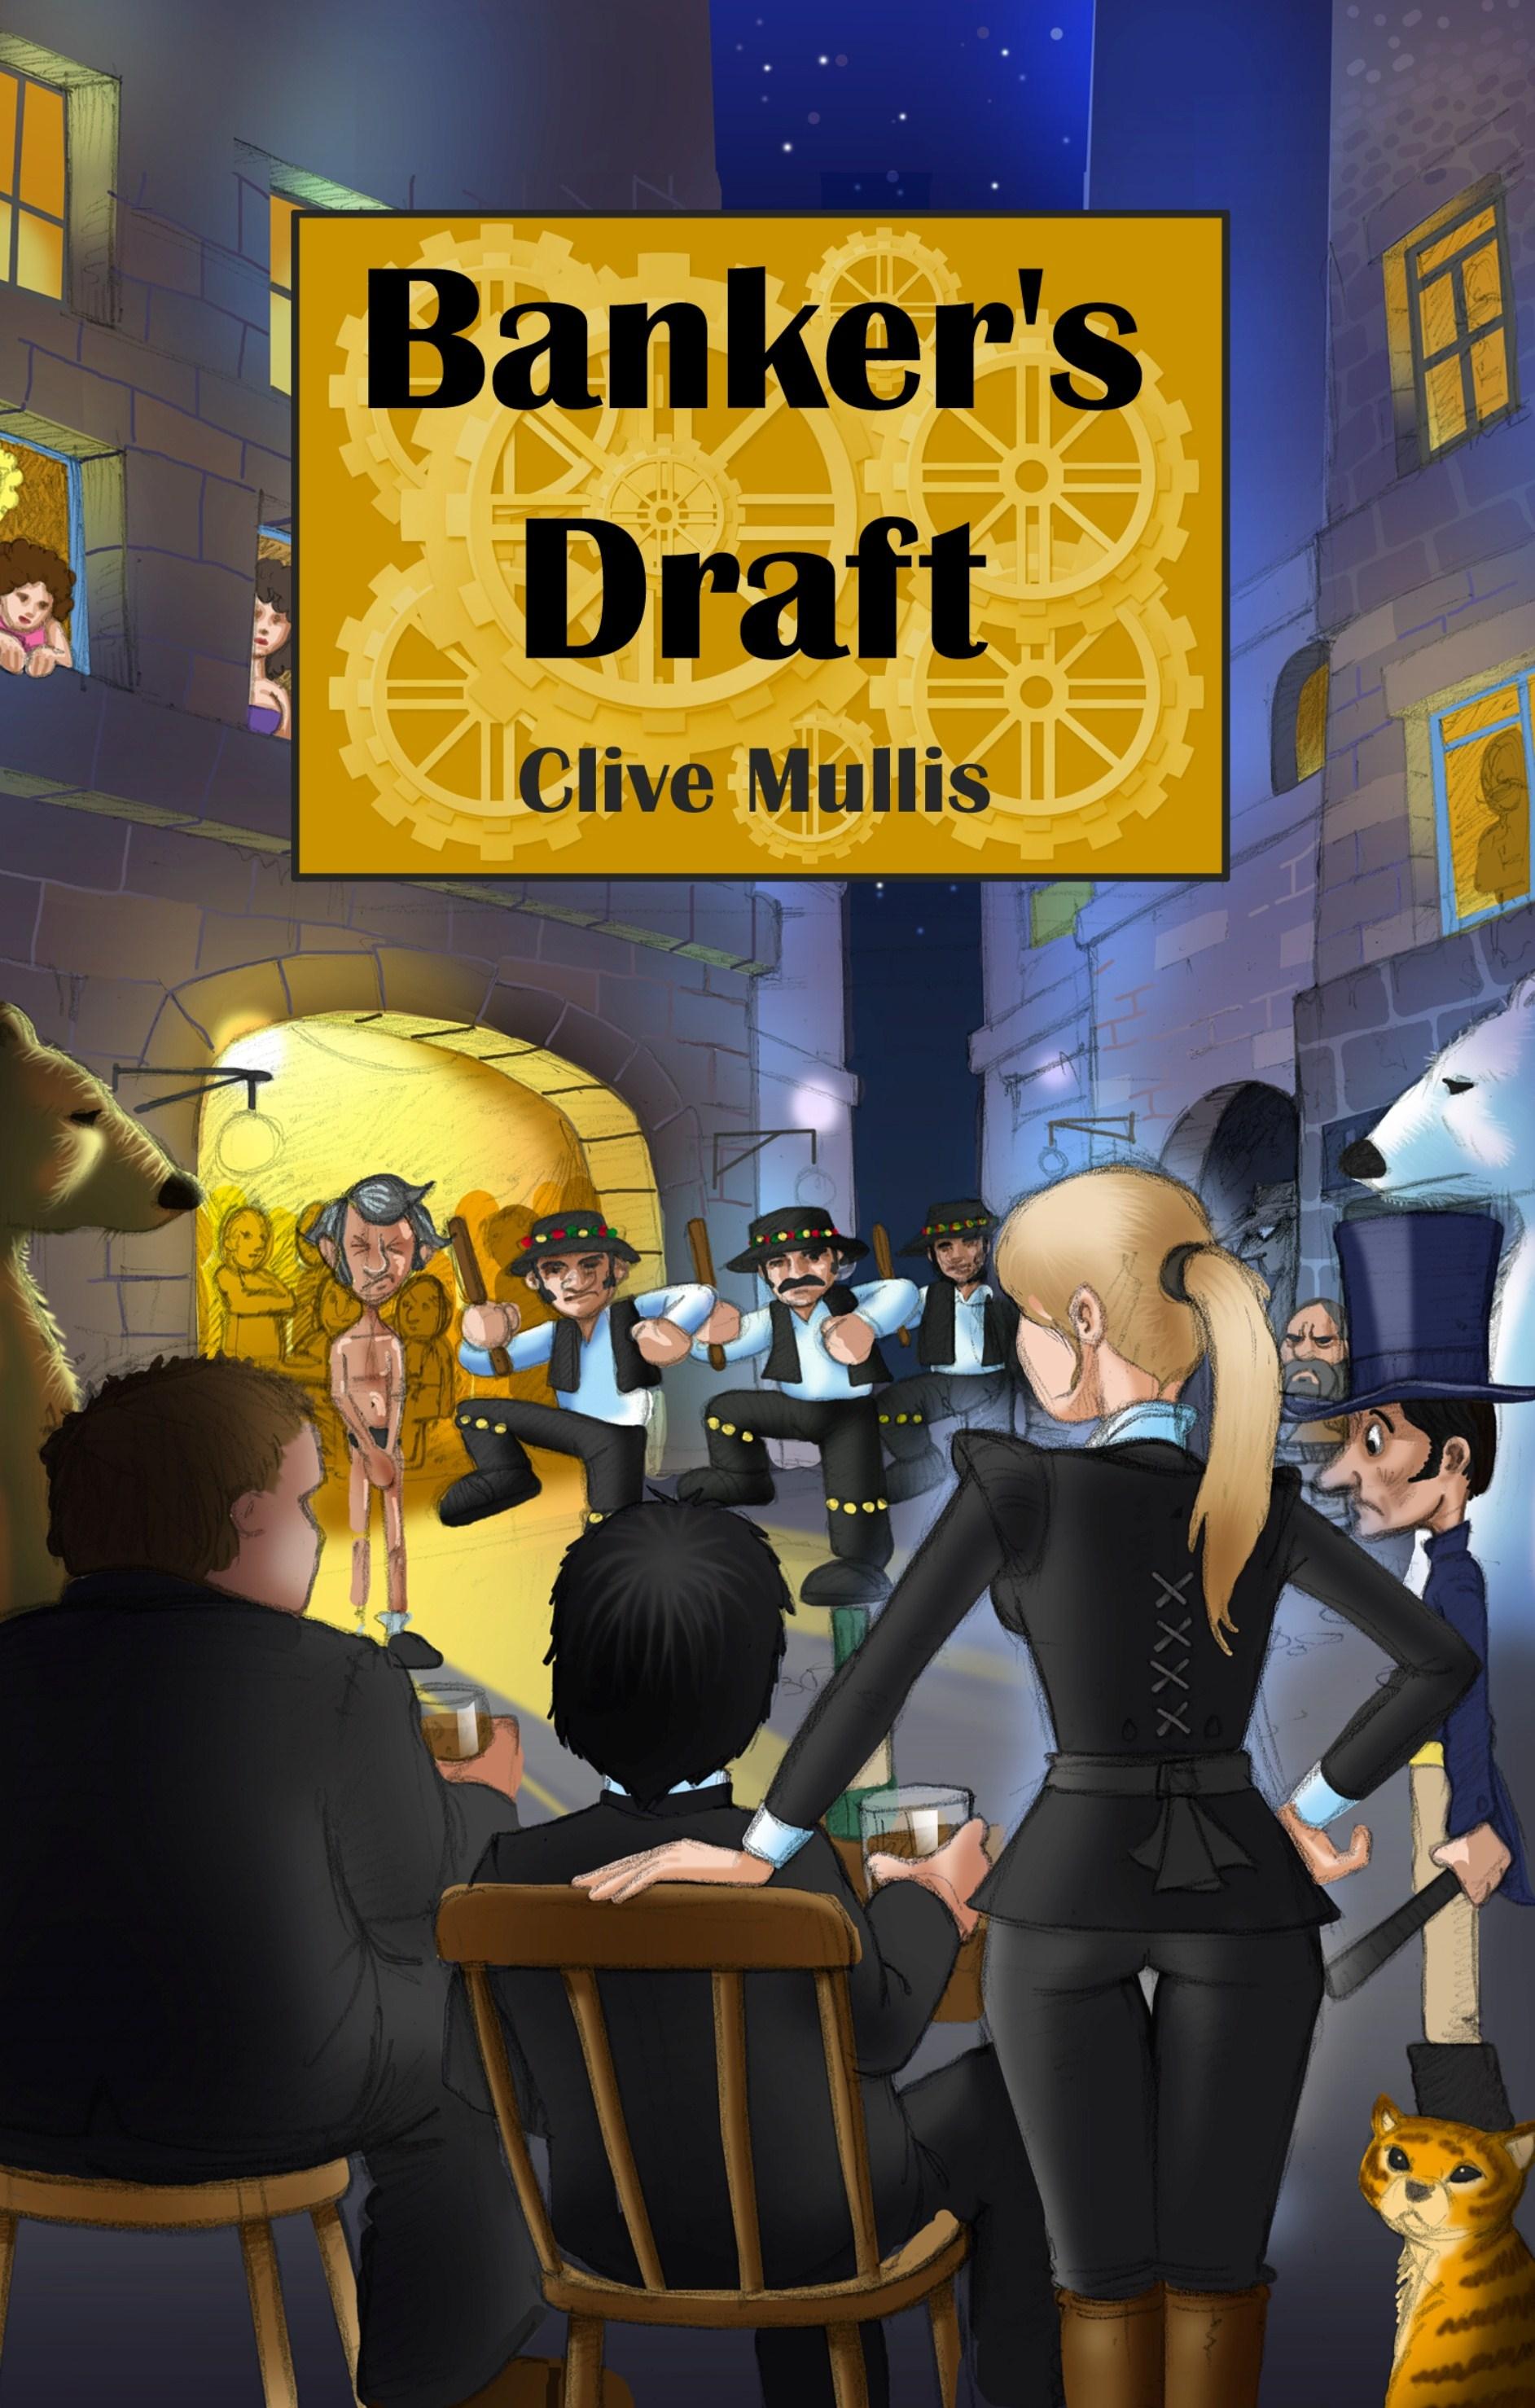 Bankers draft 6 - Copy